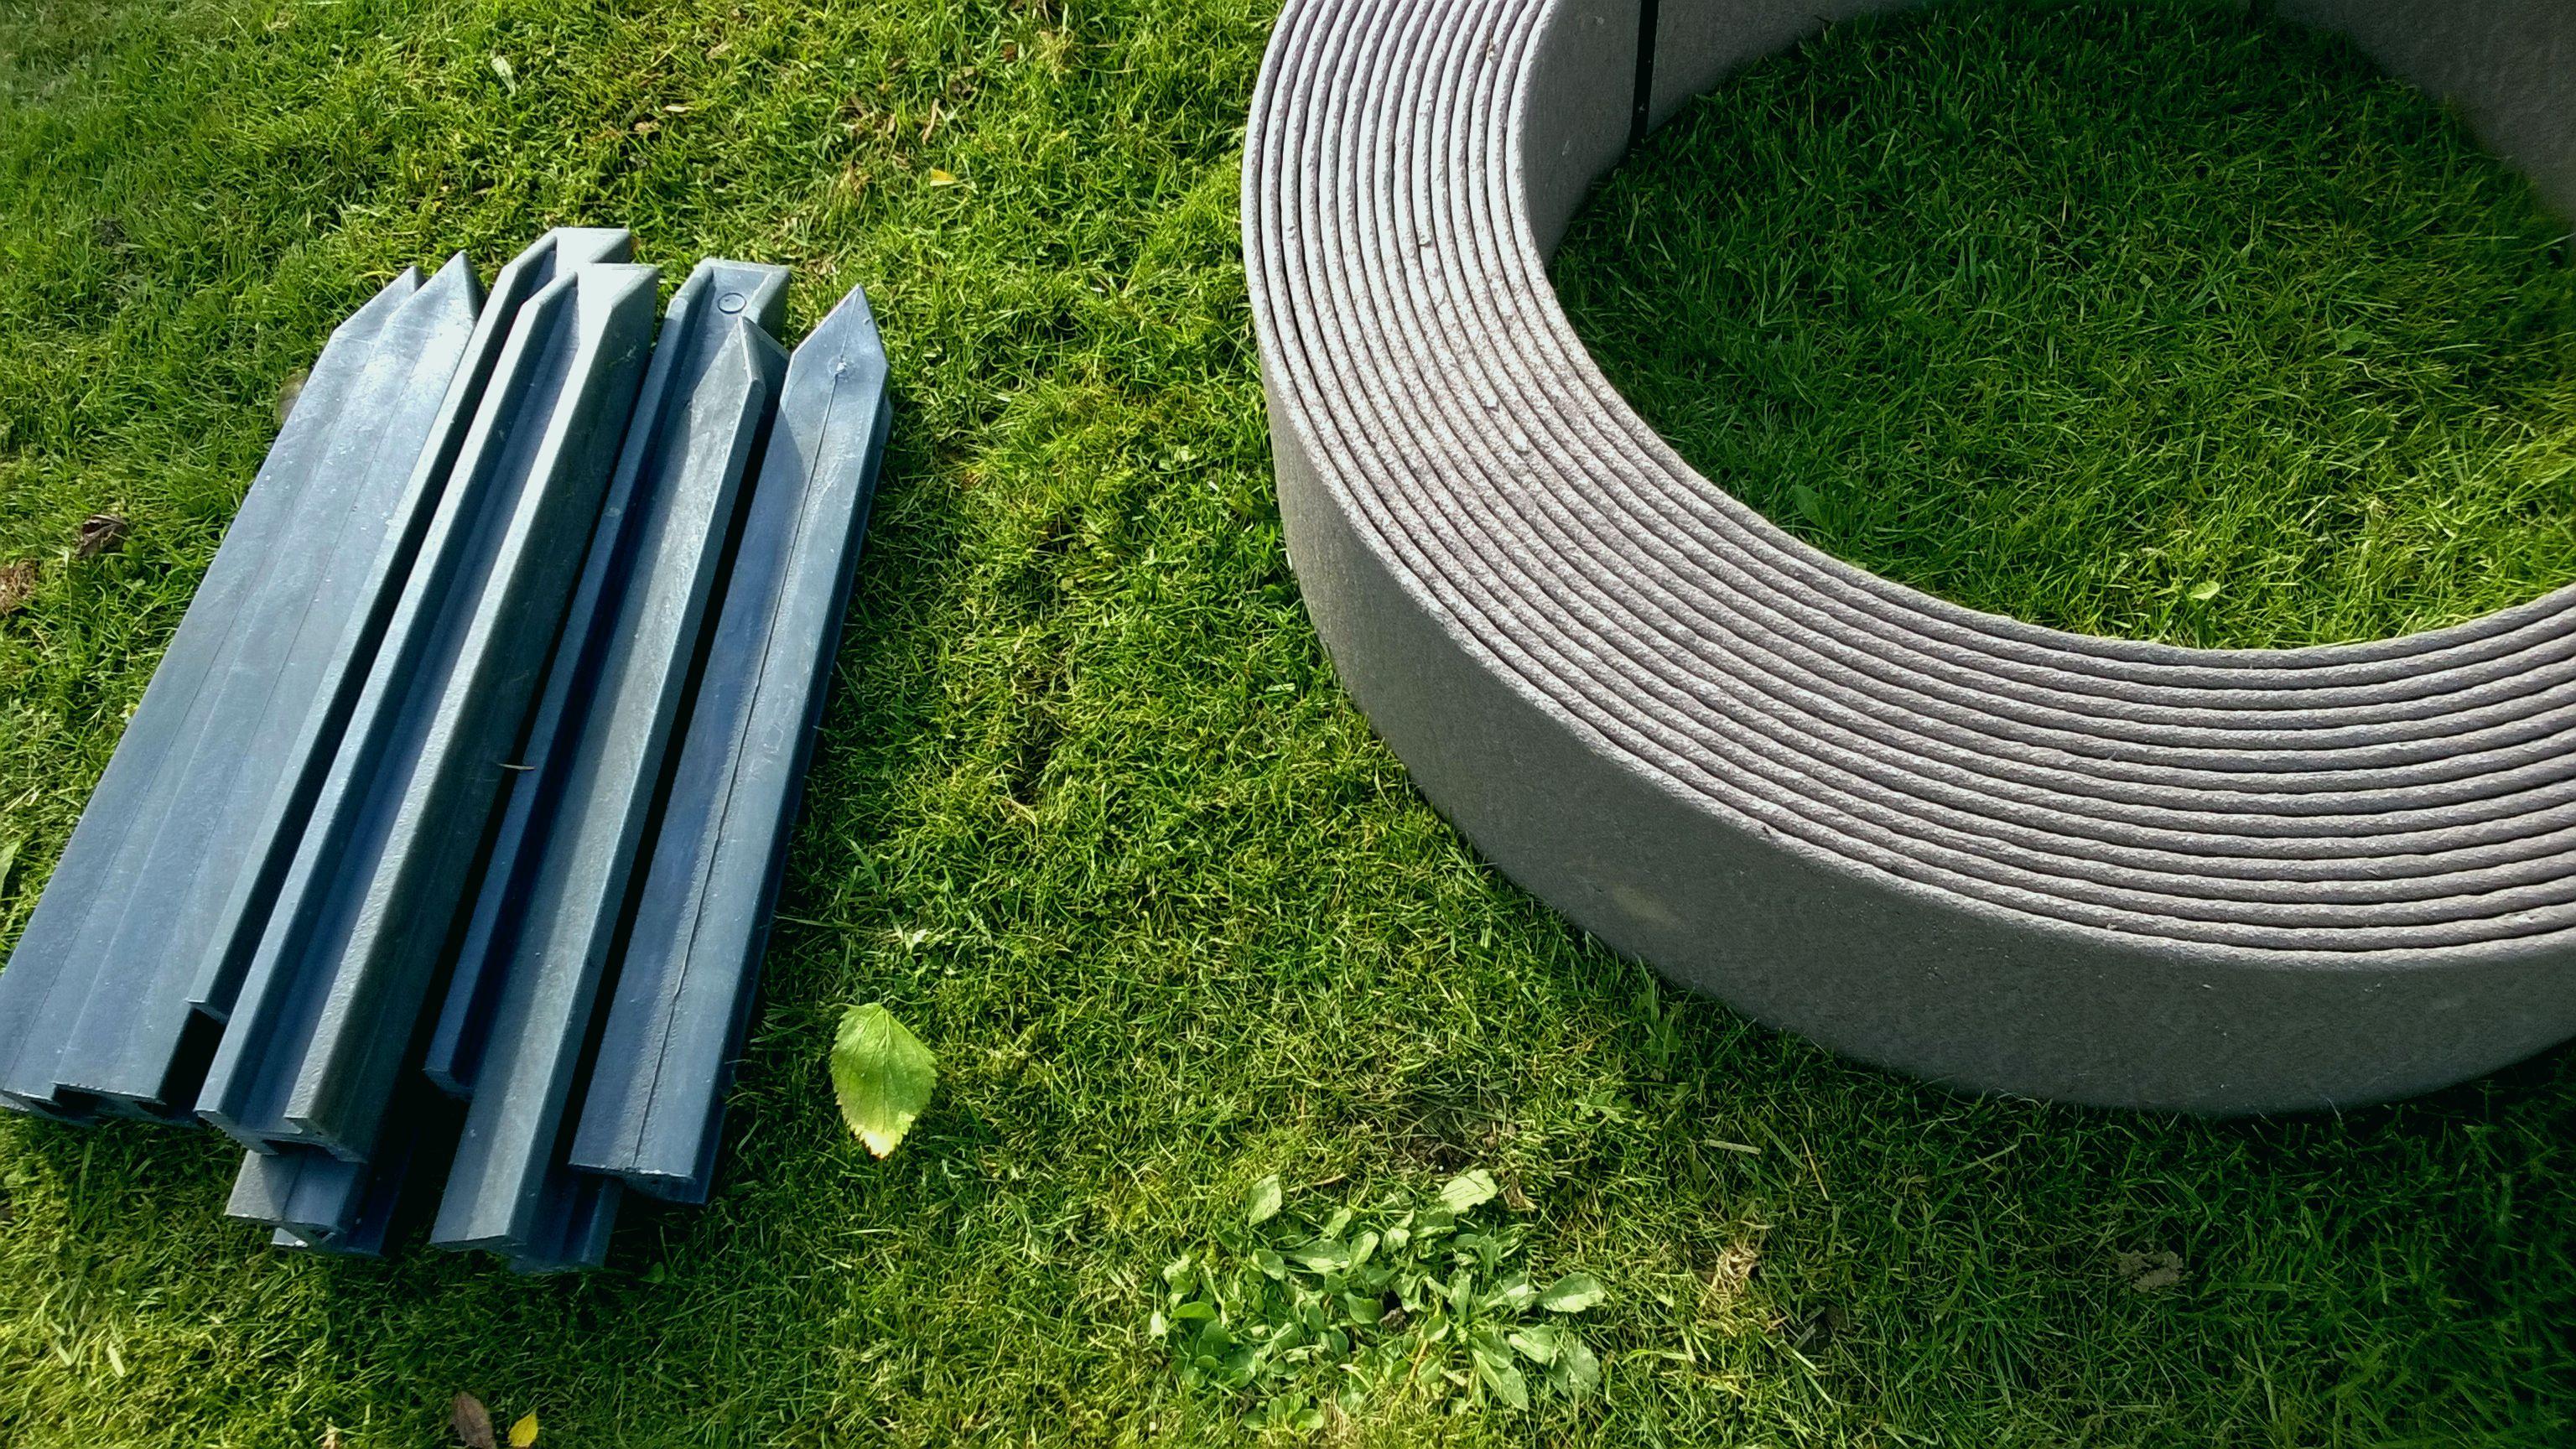 Bordure Jardin Moderne Nouveau Collection Bordure De Jardin Moderne Trendy Amnager Un Jardin Moderne Cour